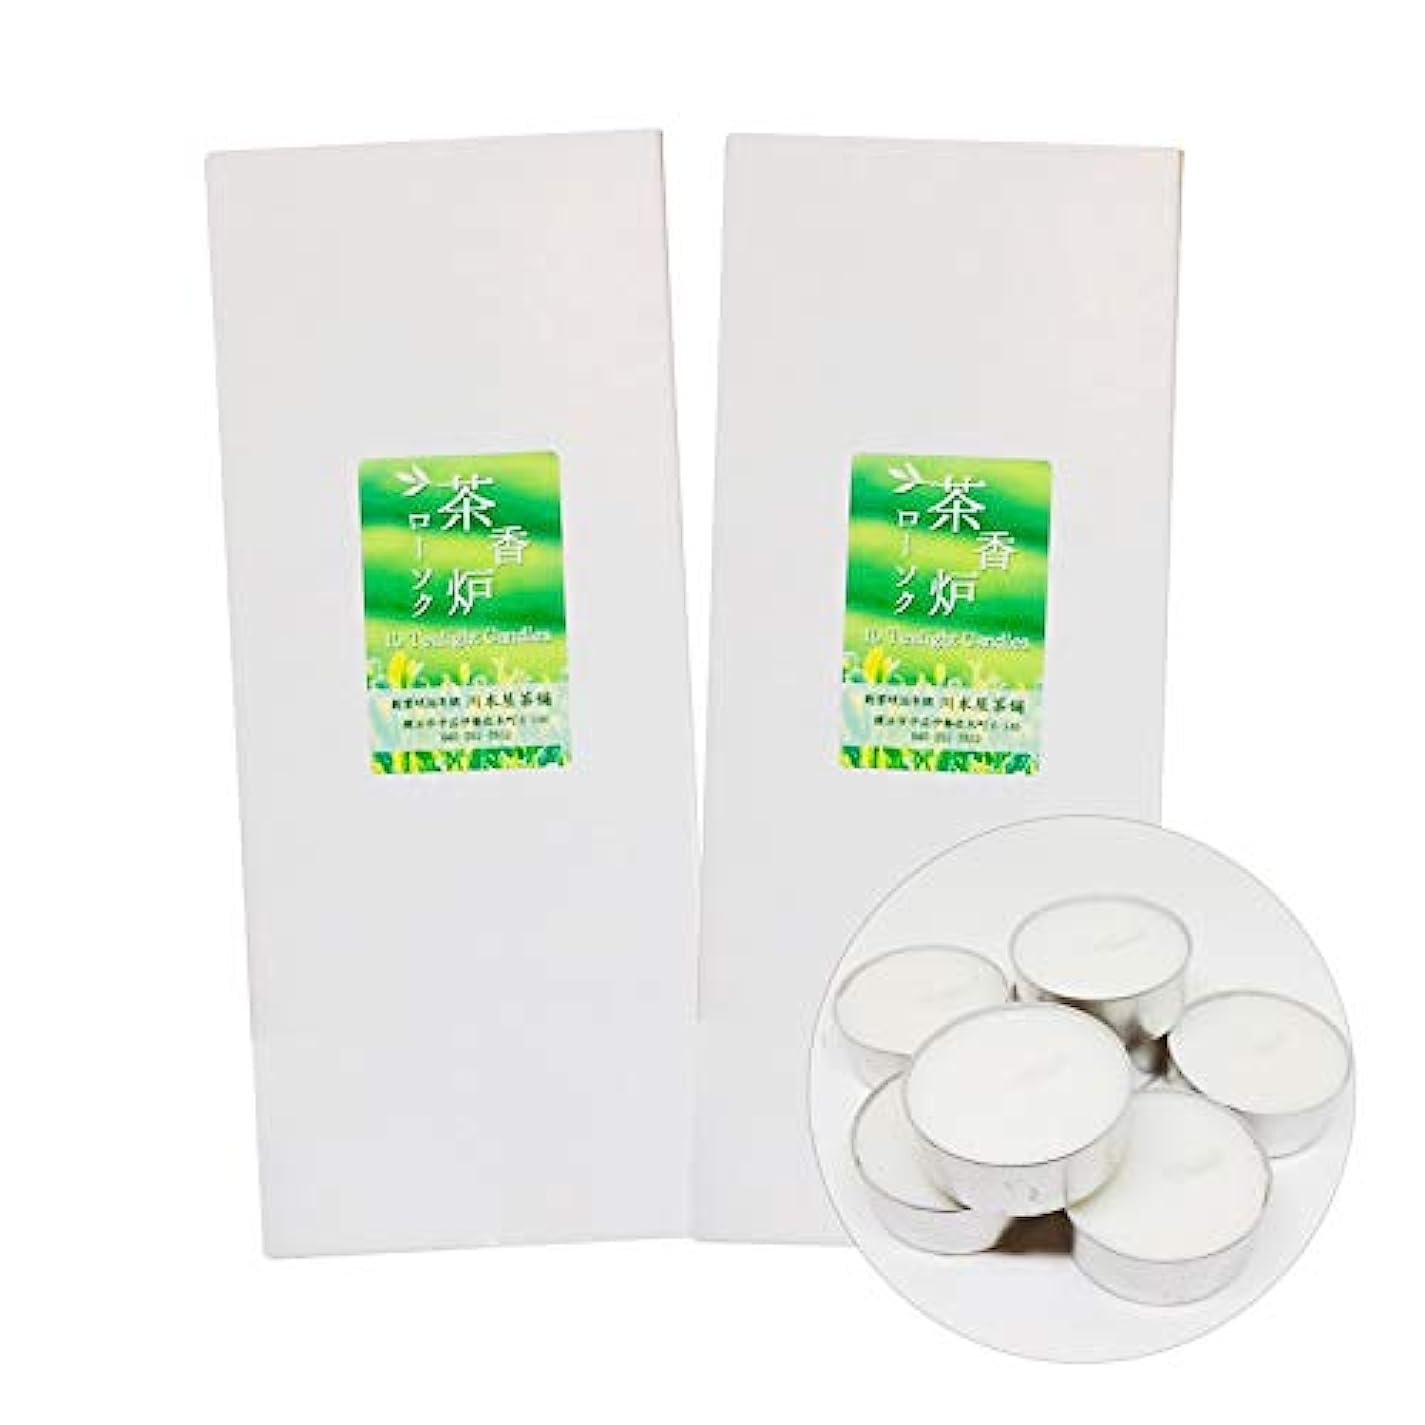 ちっちゃい家庭教師全国茶香炉専用 ろうそく キャンドル 10個入り 川本屋茶舗 (2箱)